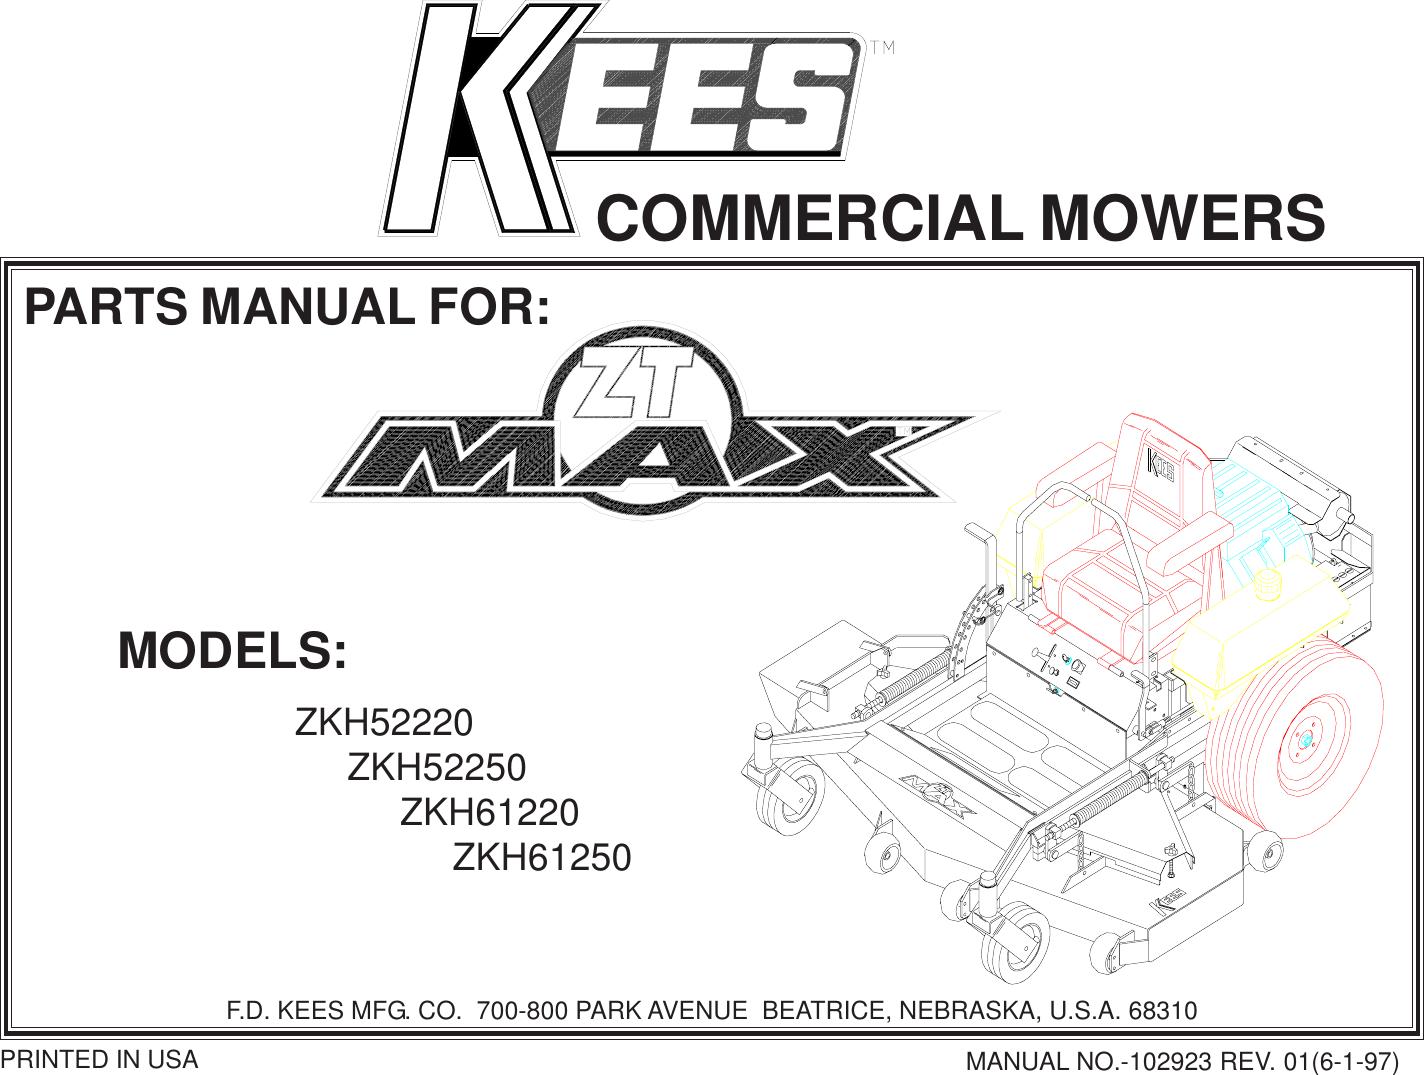 yazoo kees zkh52220 users manual ipl, zt max series, 1997 06, zero turn  rider mower, zkh52220, zkh52250, zkh61220, zkh61250 (turf care)